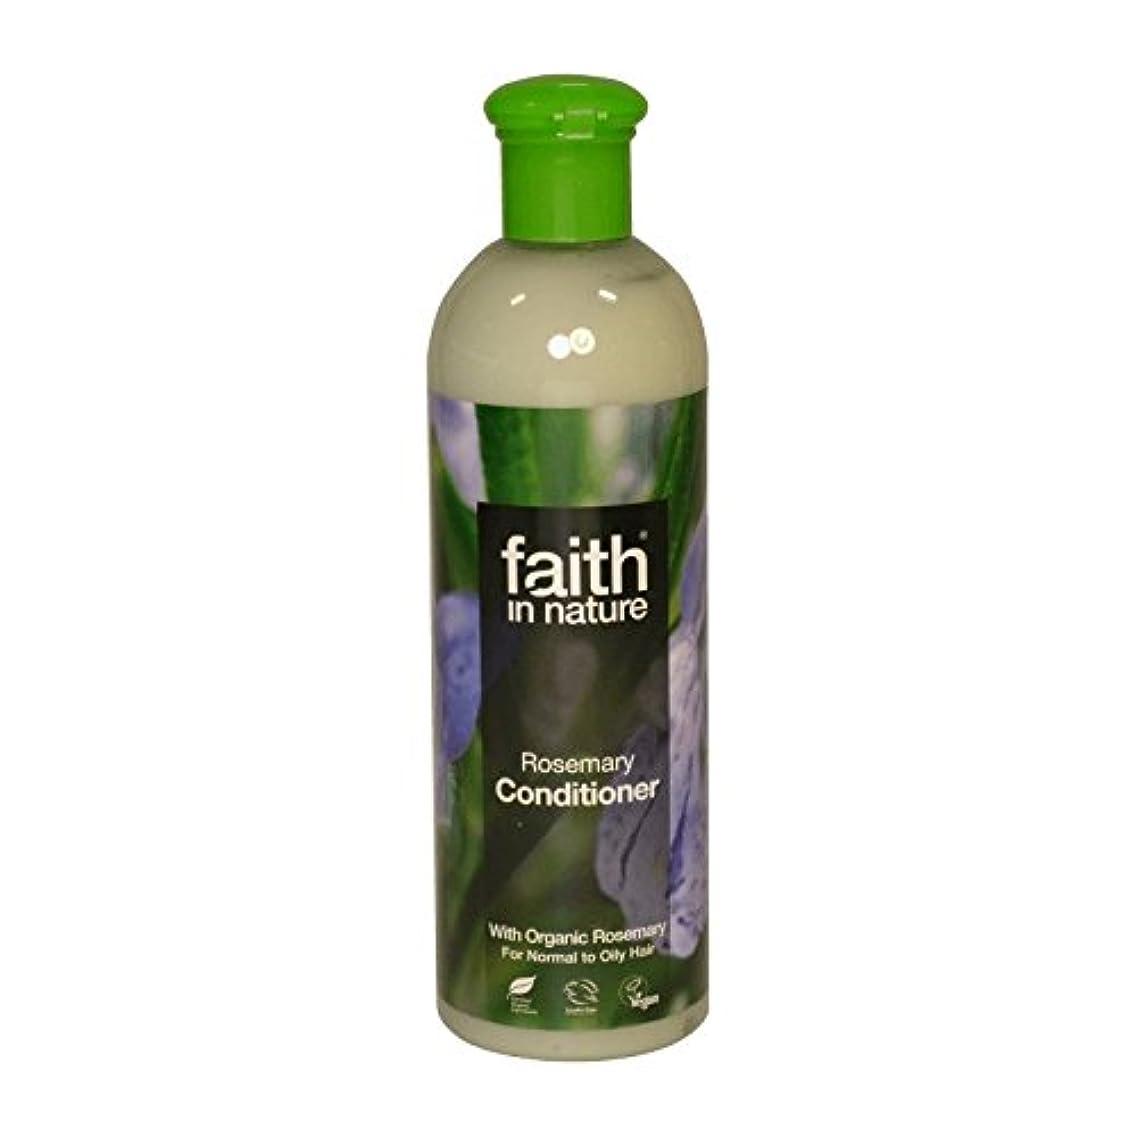 情報バランスシェードFaith in Nature Rosemary Conditioner 400ml (Pack of 6) - 自然ローズマリーコンディショナー400ミリリットルの信仰 (x6) [並行輸入品]